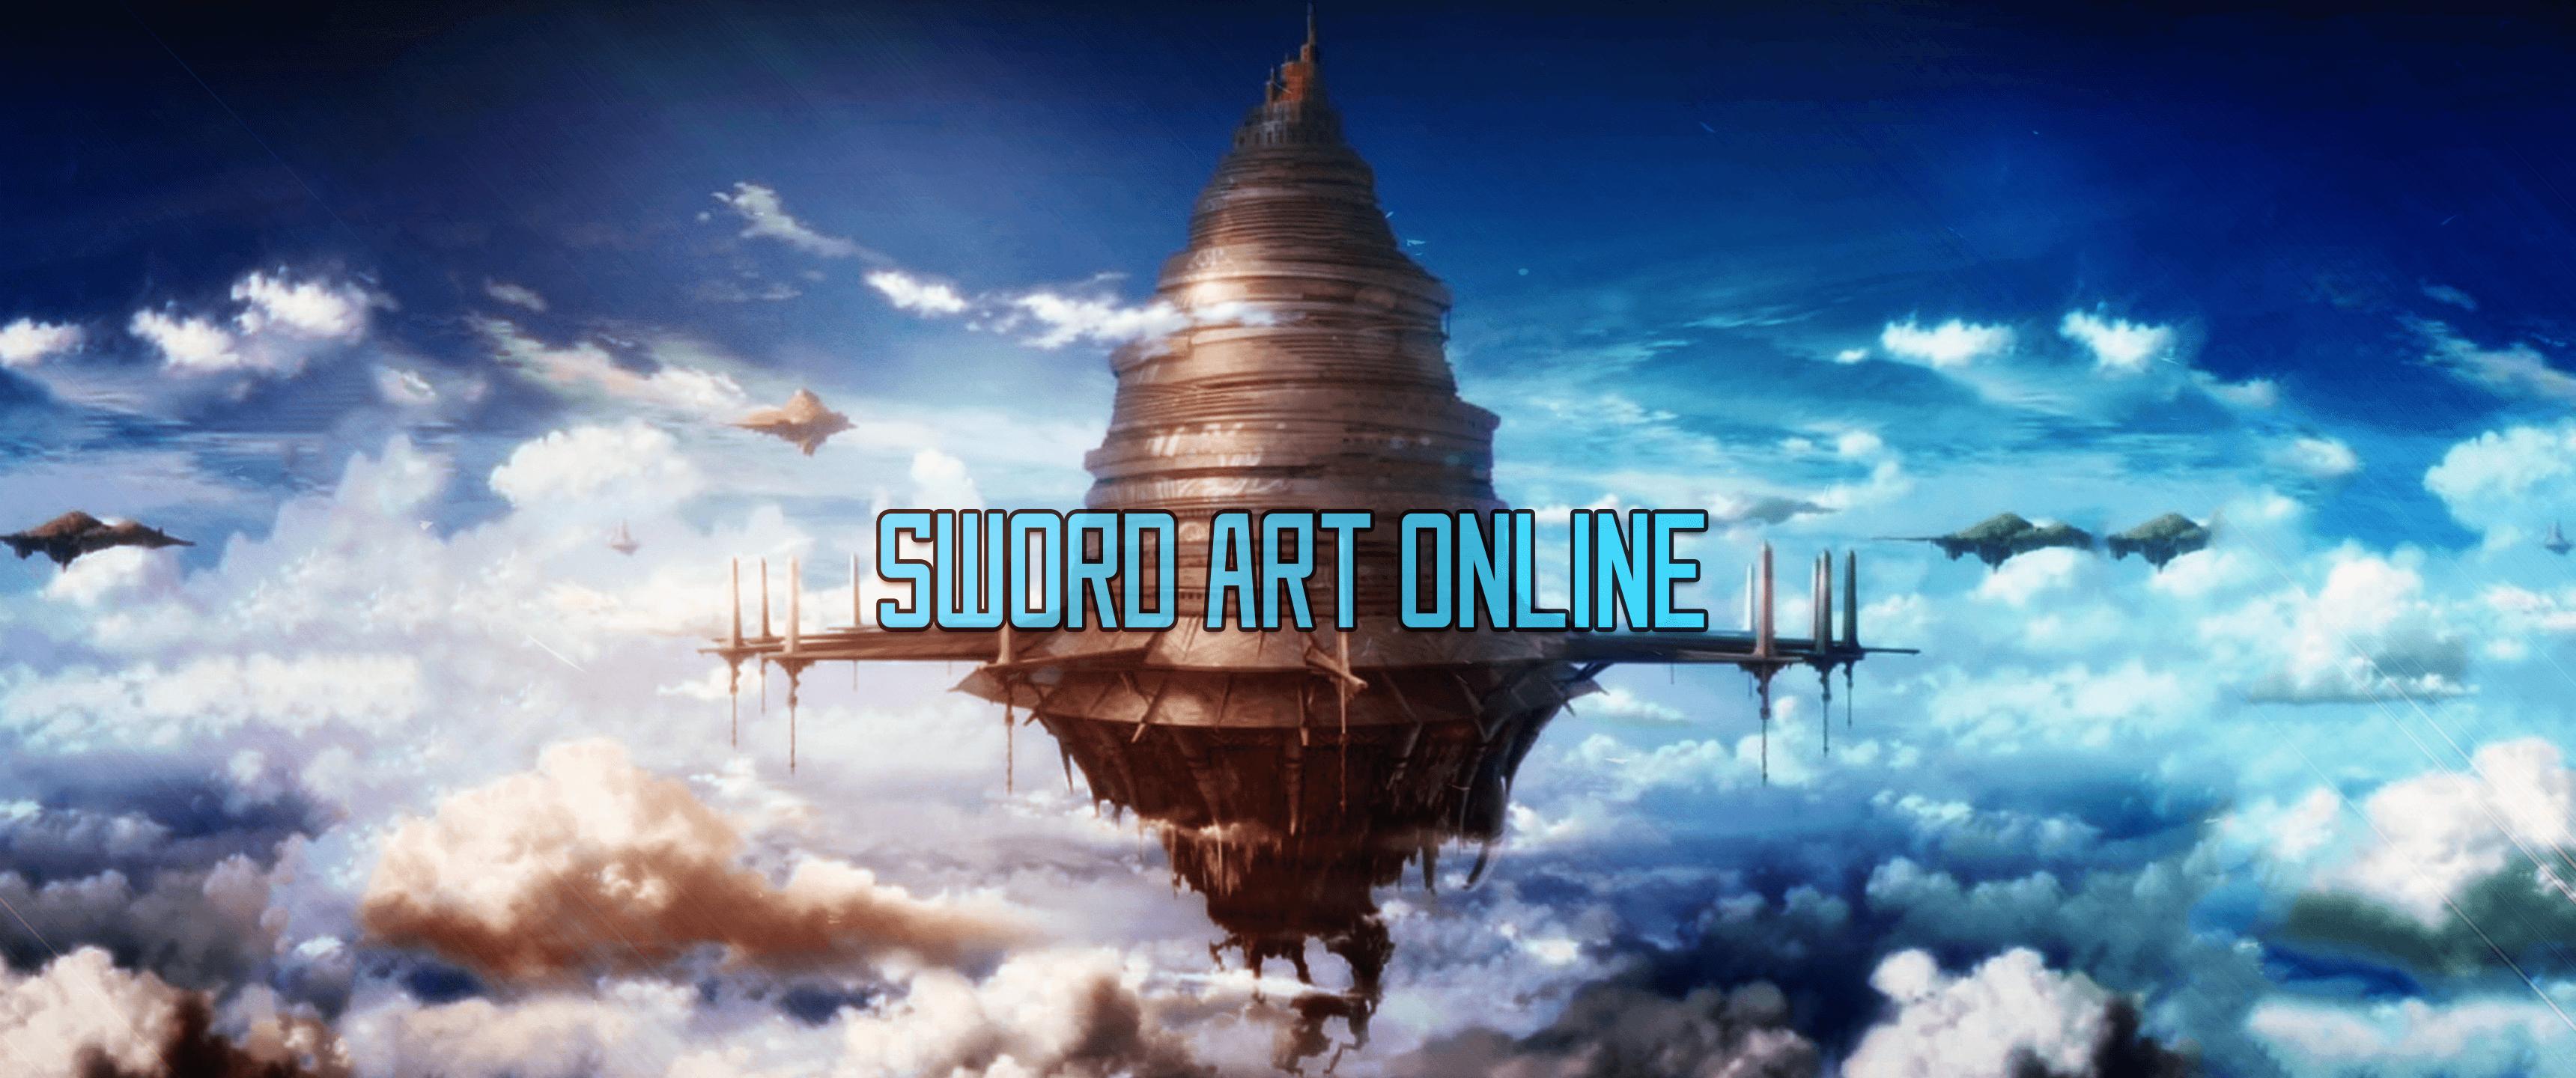 Sword Art Online 2: Aincrad Wallpapers - Wallpaper Cave